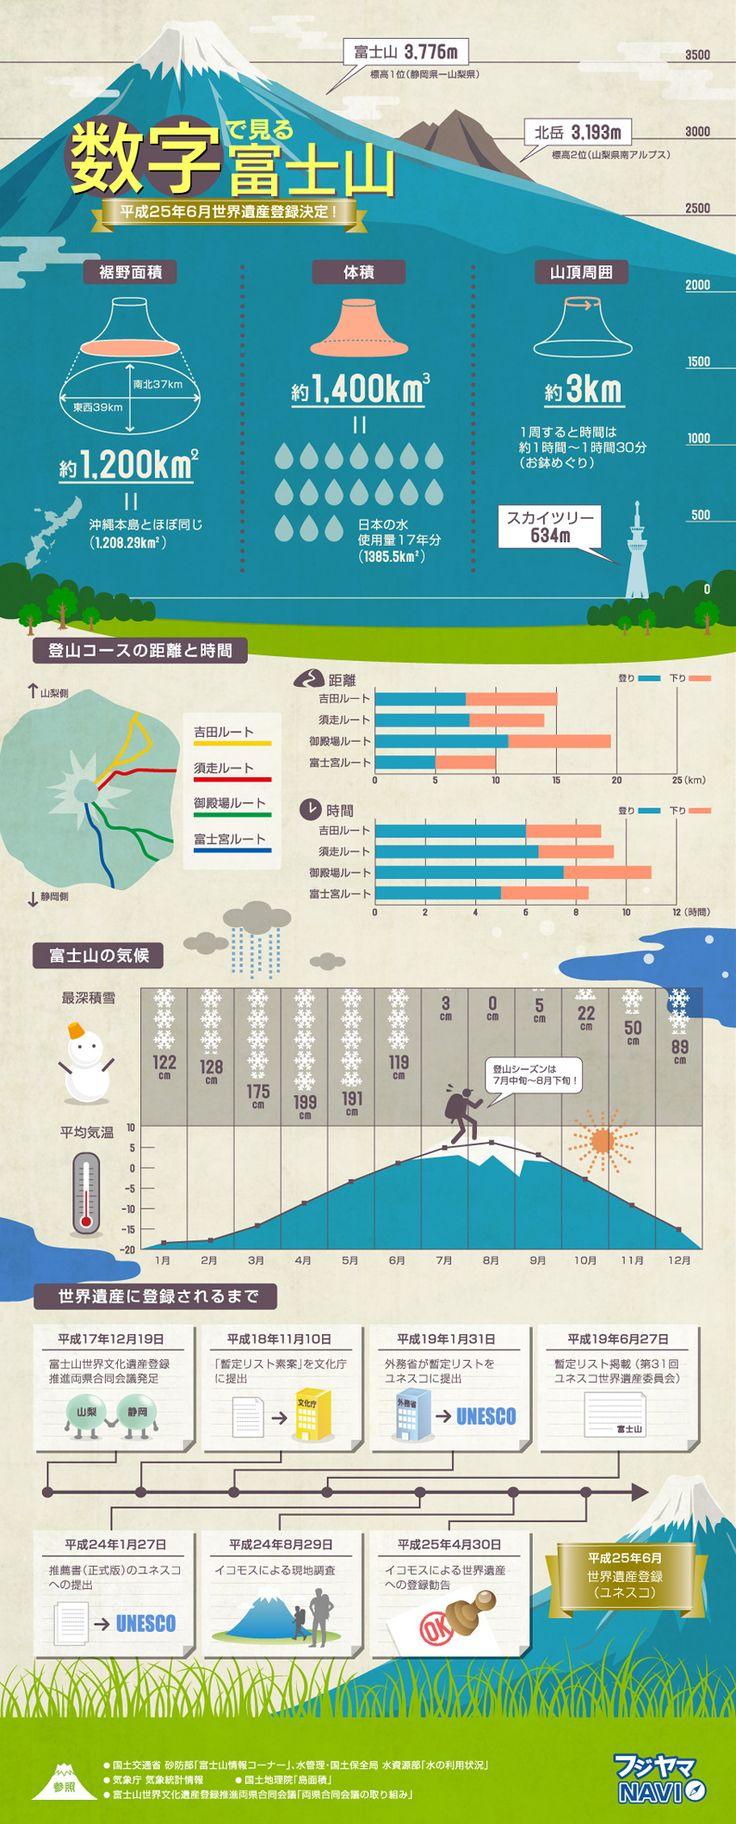 世界遺産登録記念!数字で見る富士山 | infographic.jp - インフォグラフィックス by IOIX